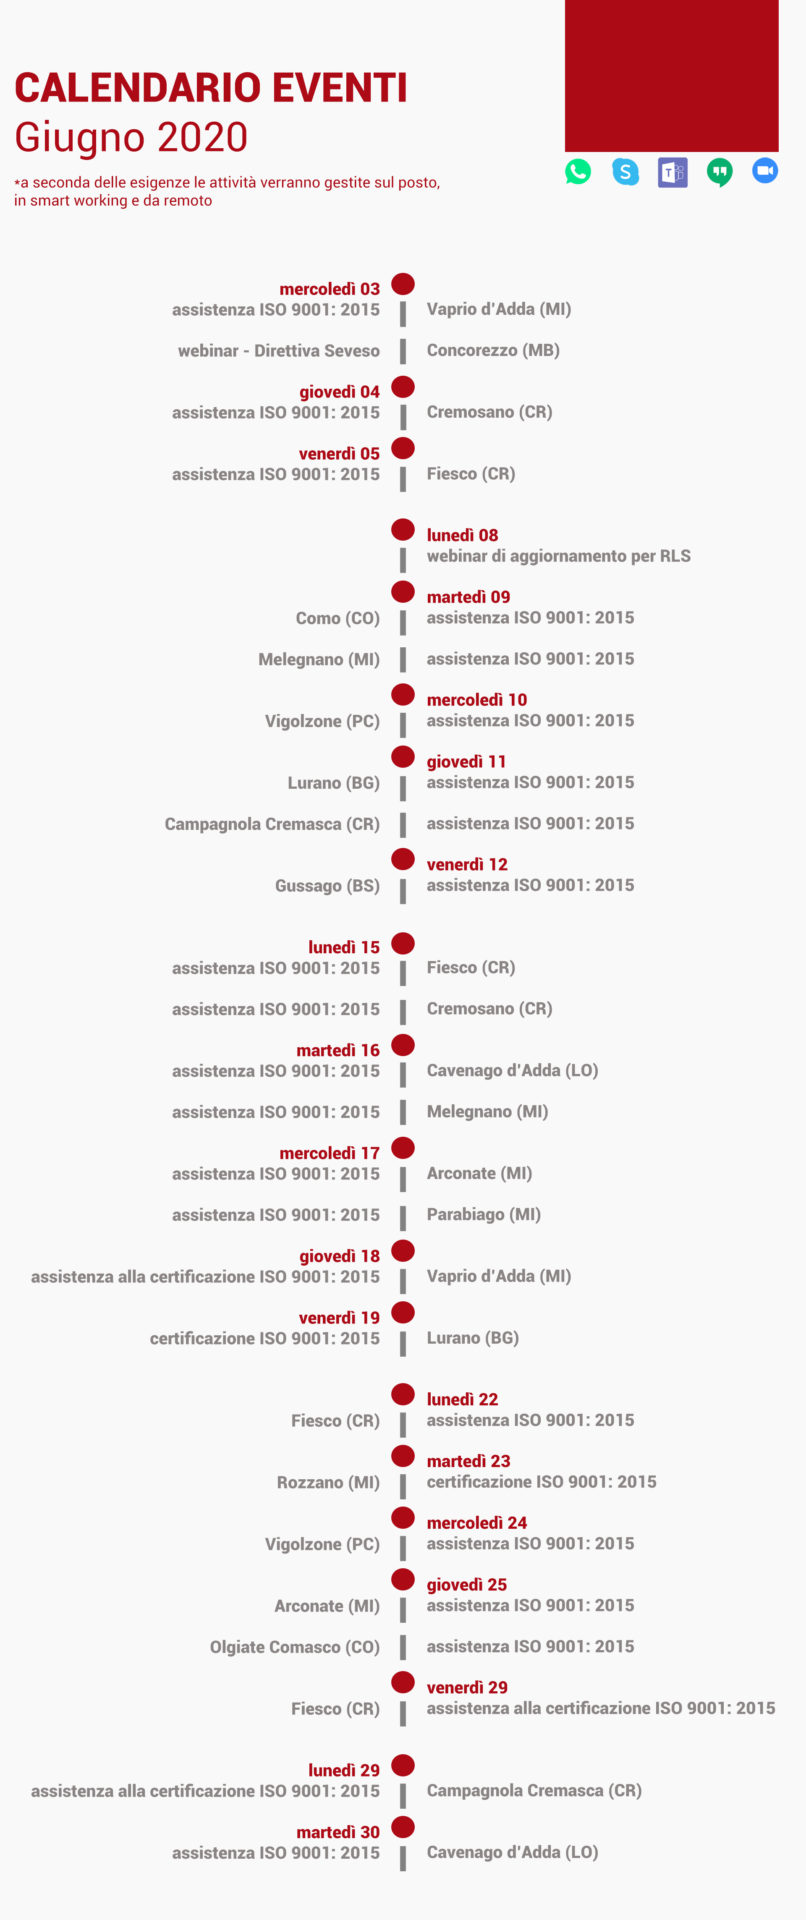 calendario eventi giugno 2020